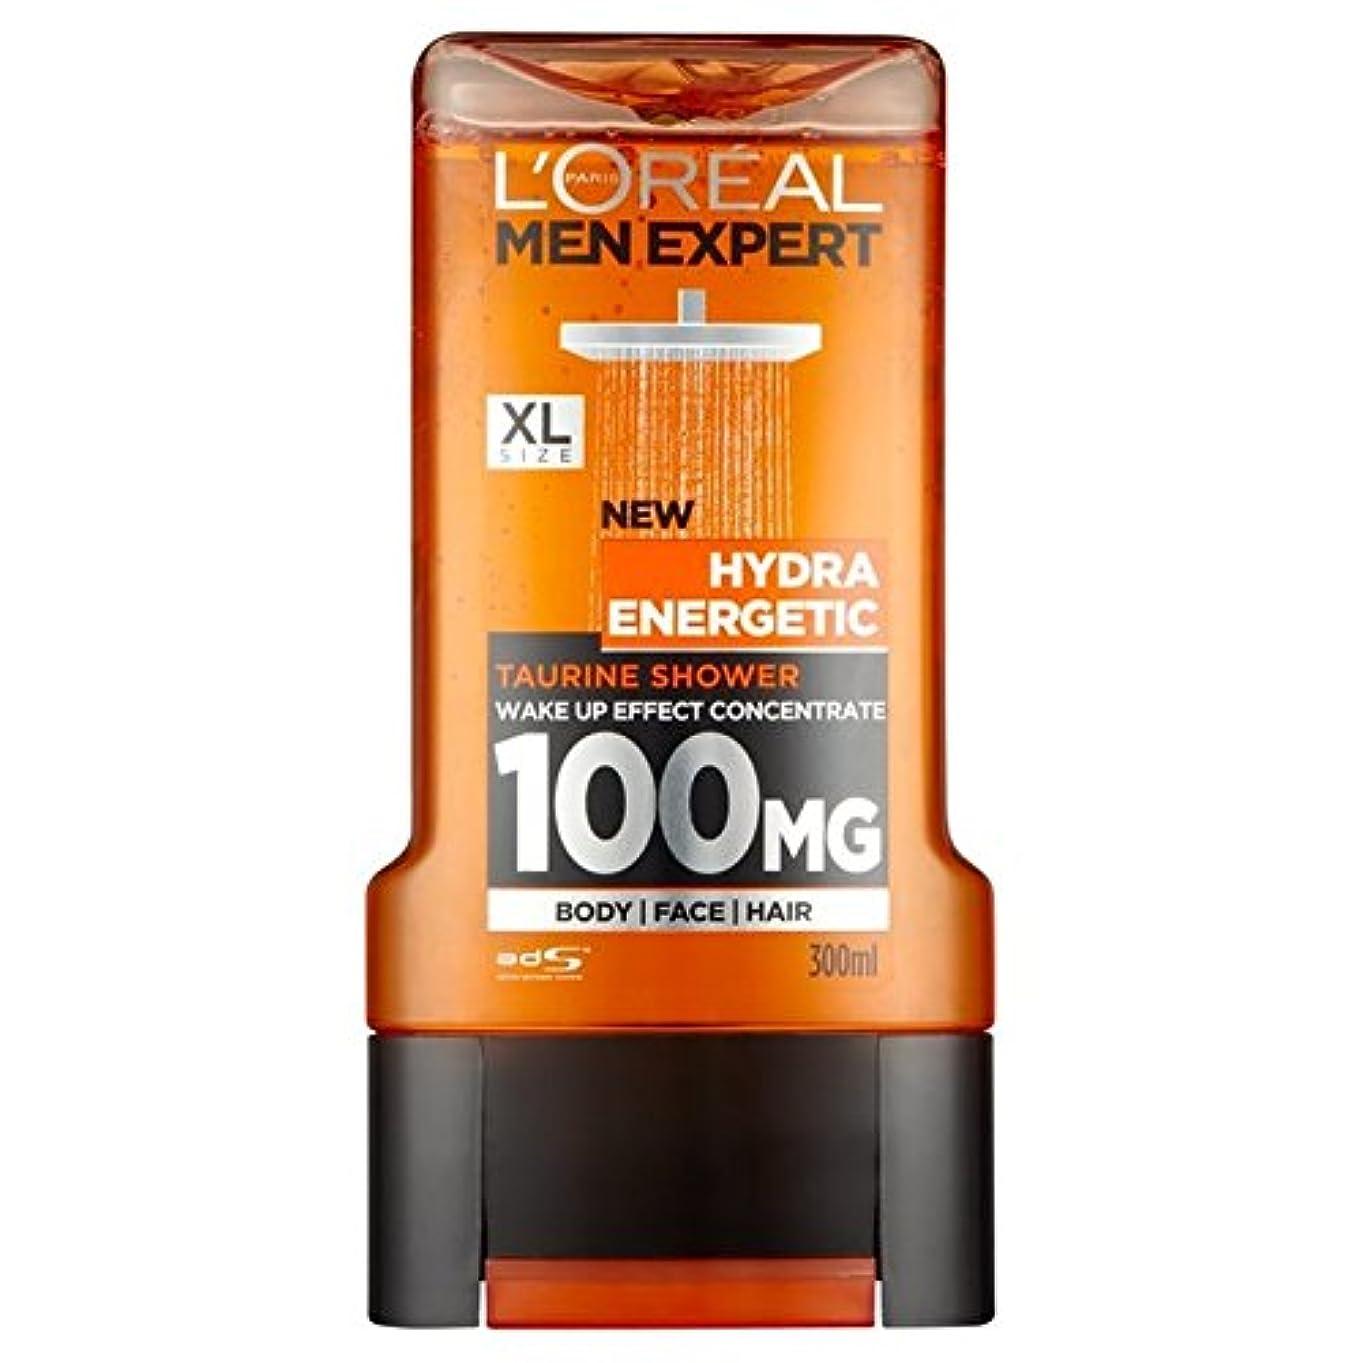 ルーキー残高クスコL'Oreal Paris Men Expert Hydra Energetic Shower Gel 300ml - ロレアルパリのメンズ専門家ヒドラエネルギッシュなシャワージェル300ミリリットル [並行輸入品]